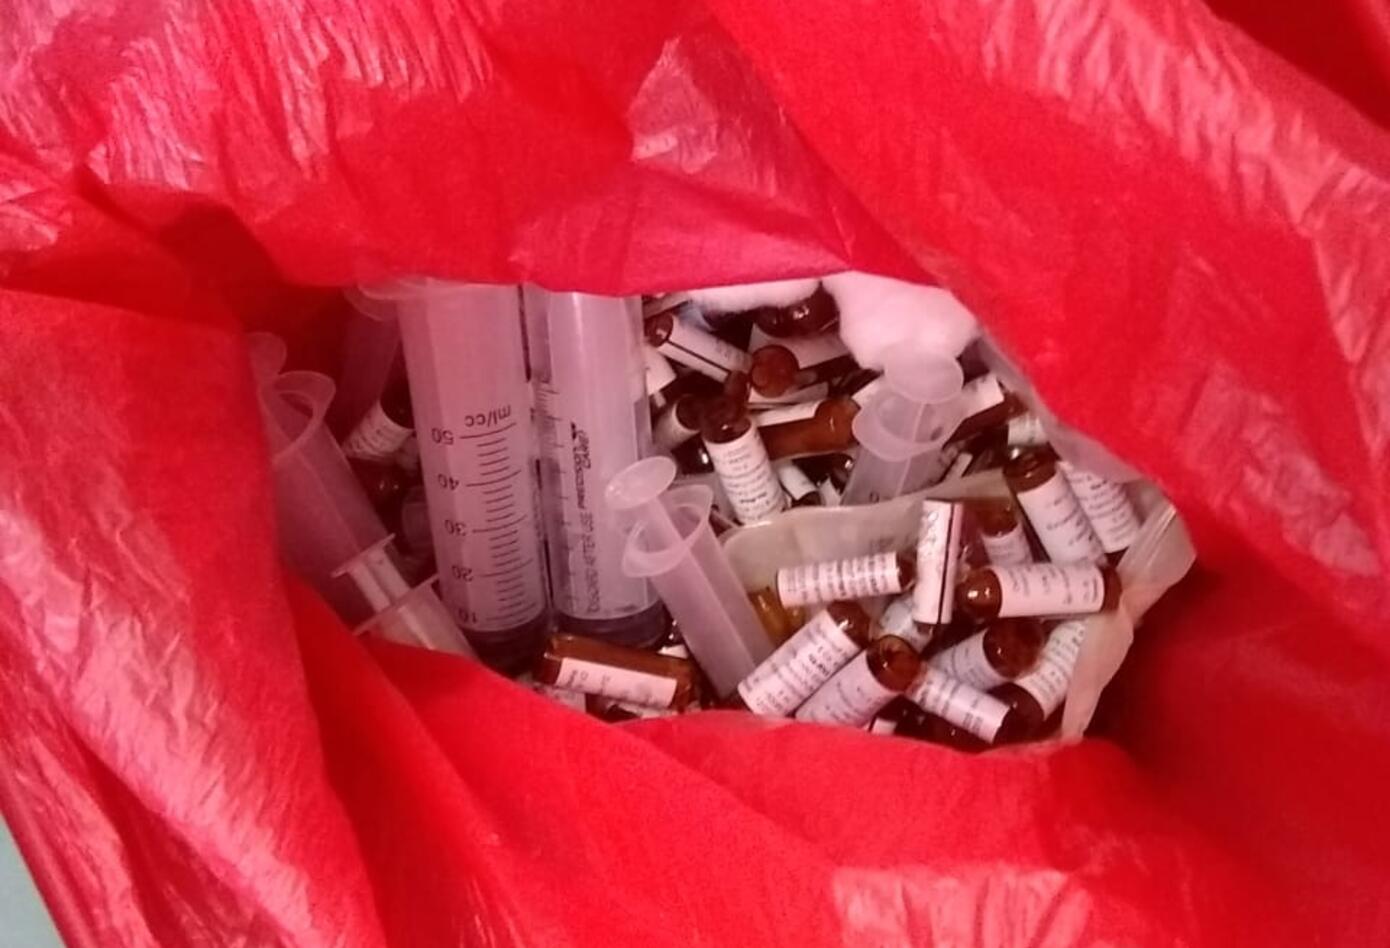 Los medicamentos fueron encontrados en Cali.